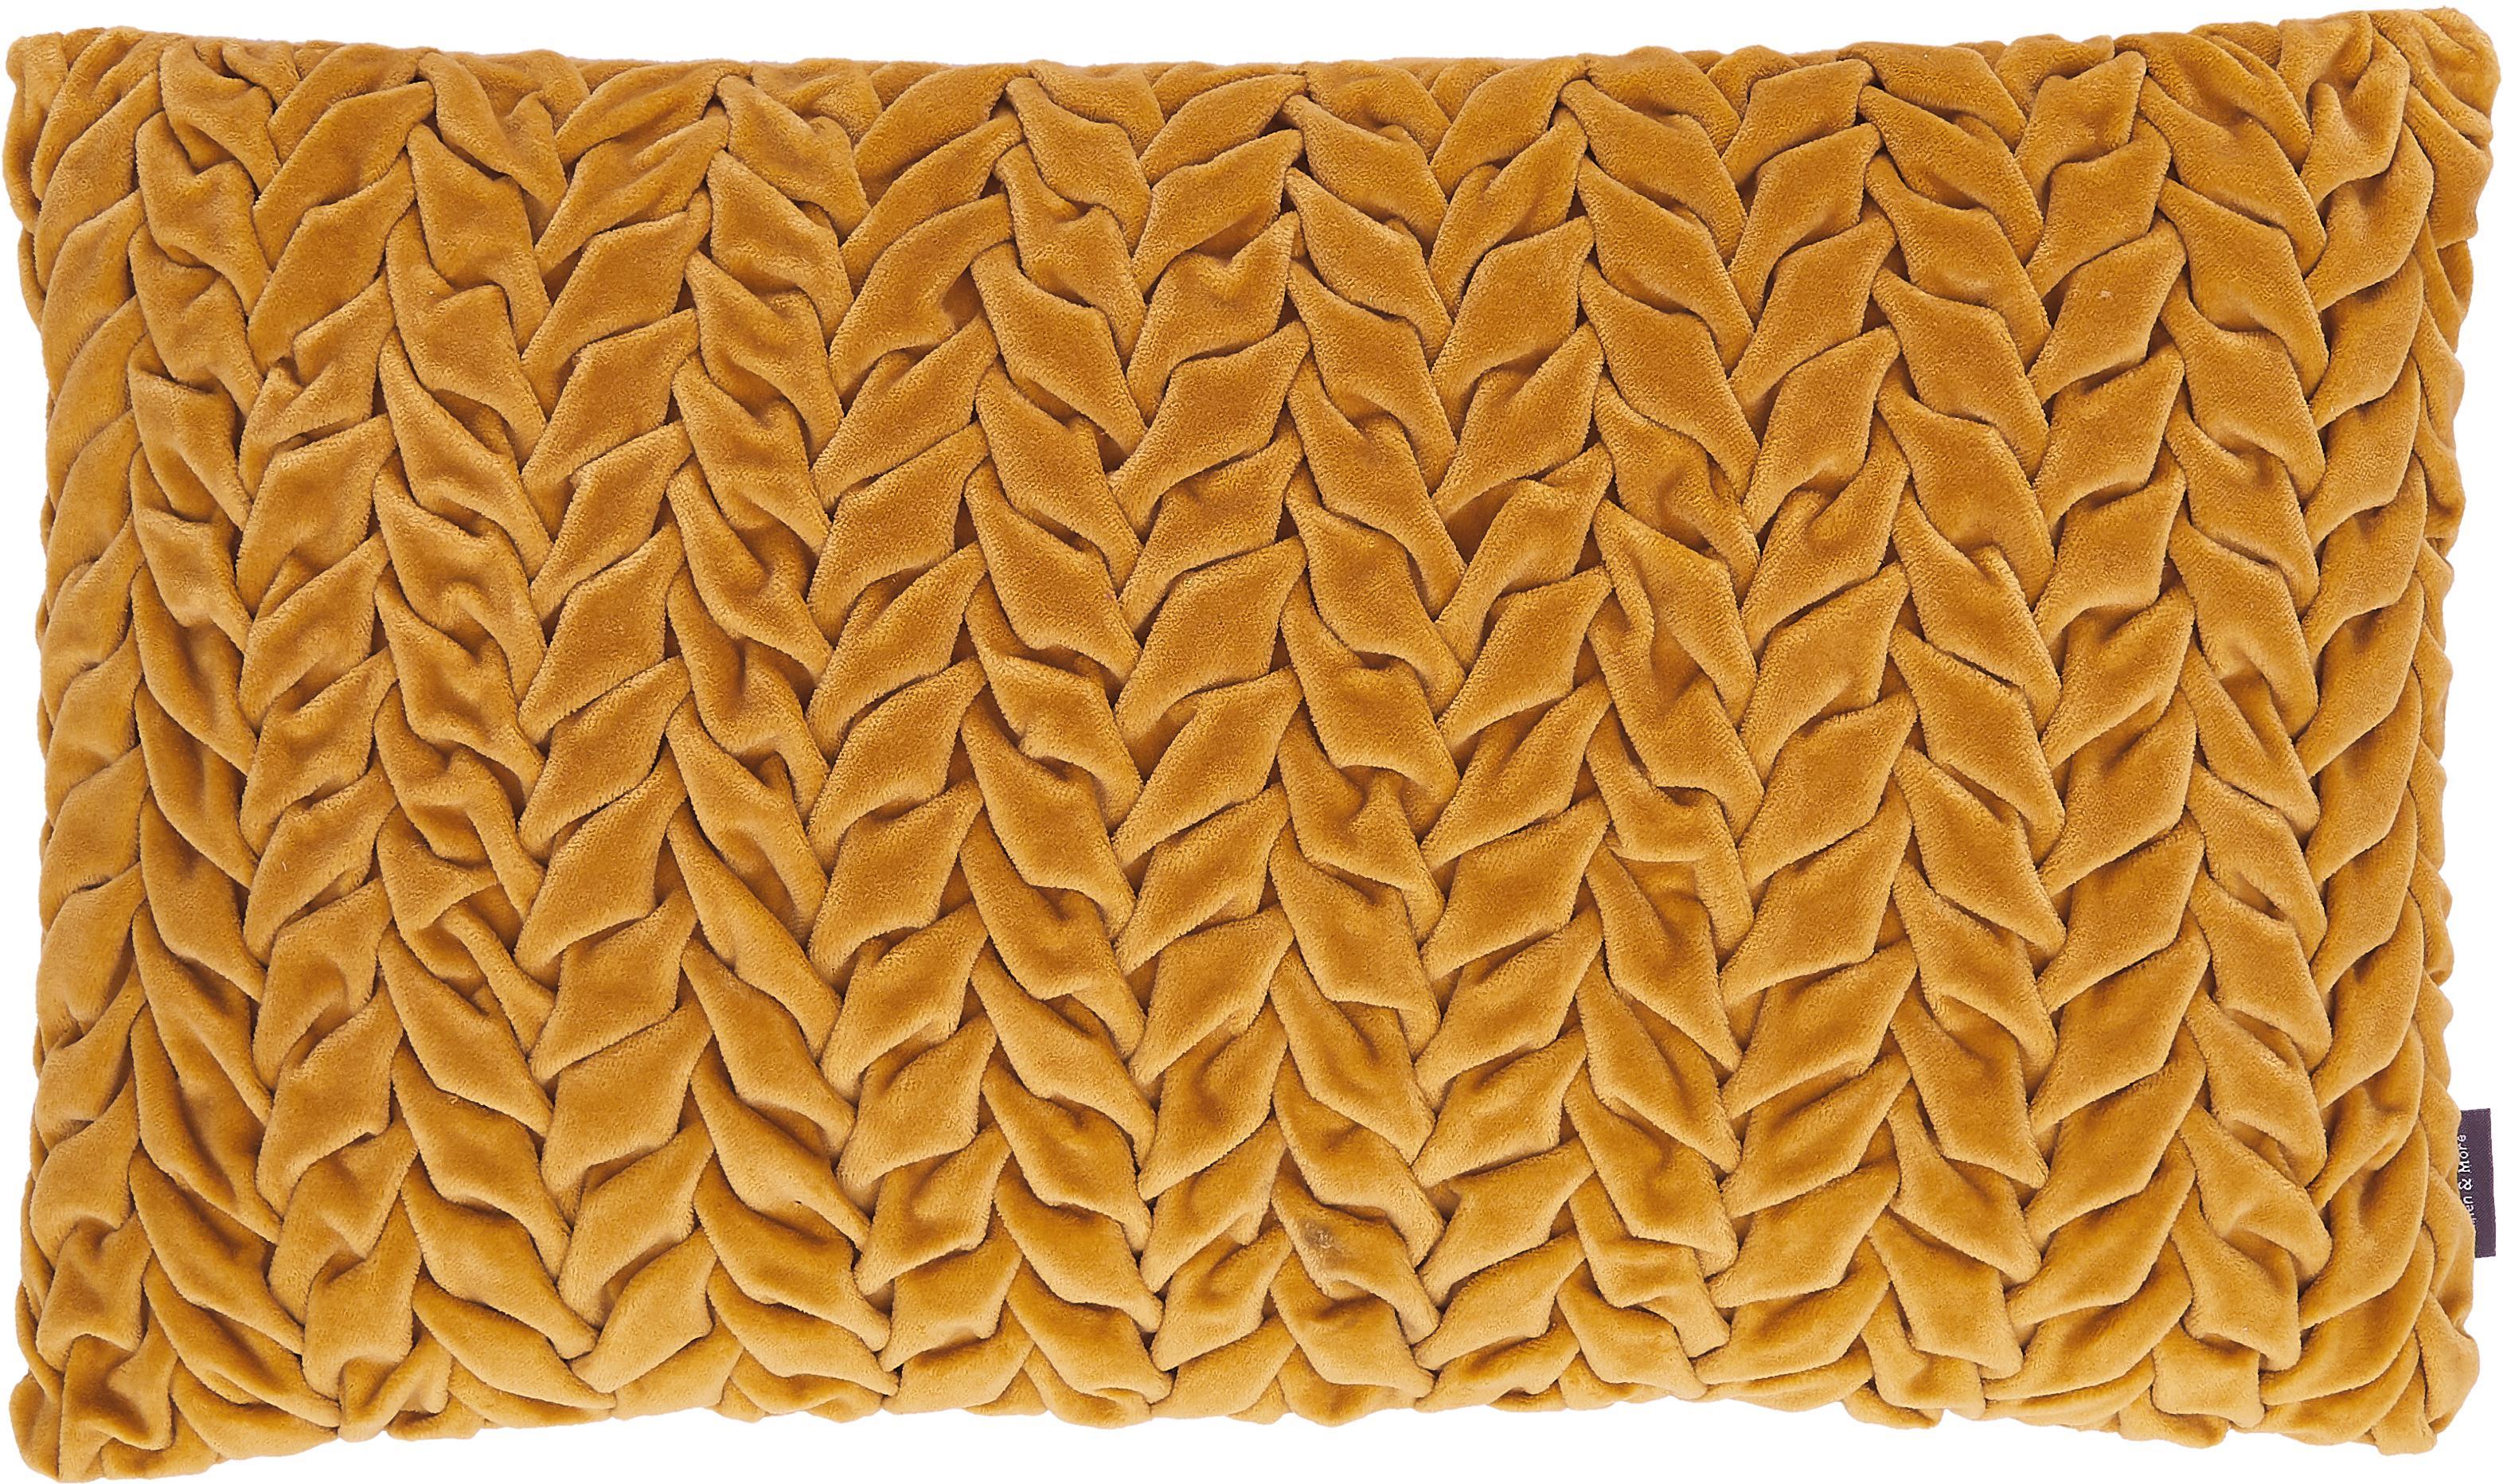 Samt-Kissen Smock in Senfgelb mit geraffter Oberfläche, mit Inlett, Bezug: 100% Baumwollsamt, Senfgelb, 30 x 50 cm